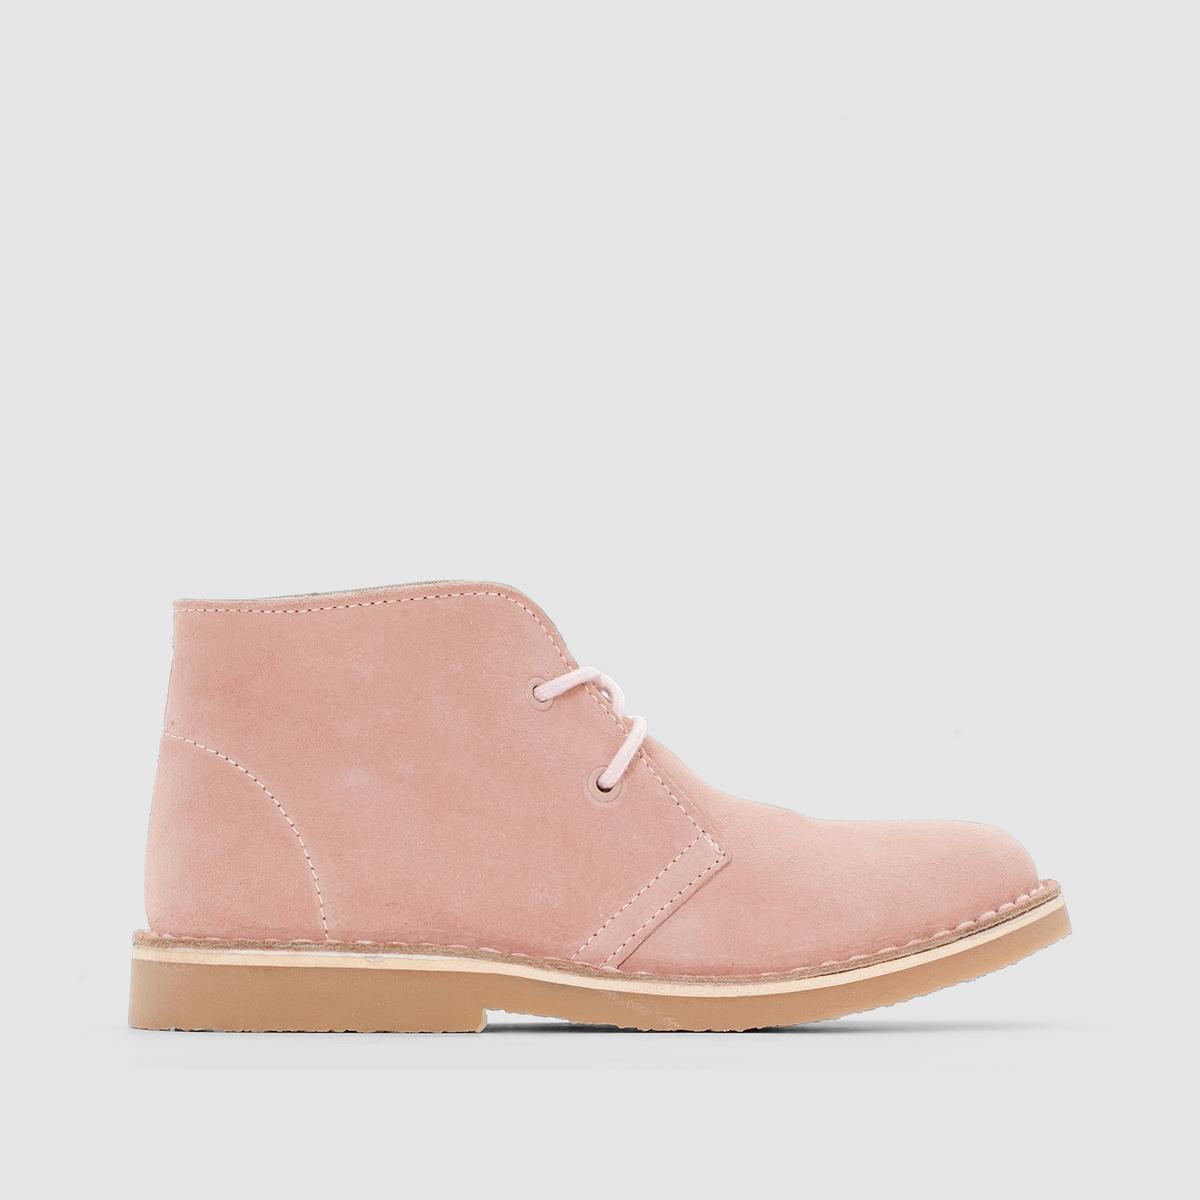 Ботинки из невыделанной кожиКрасивая мягкая невыделанная кожа в винтажном и, одновременно, современном стиле: ботинки, созданные для спокойных прогулок или, по настроению, для бега и динамичных игр!<br><br>Цвет: розовый телесный